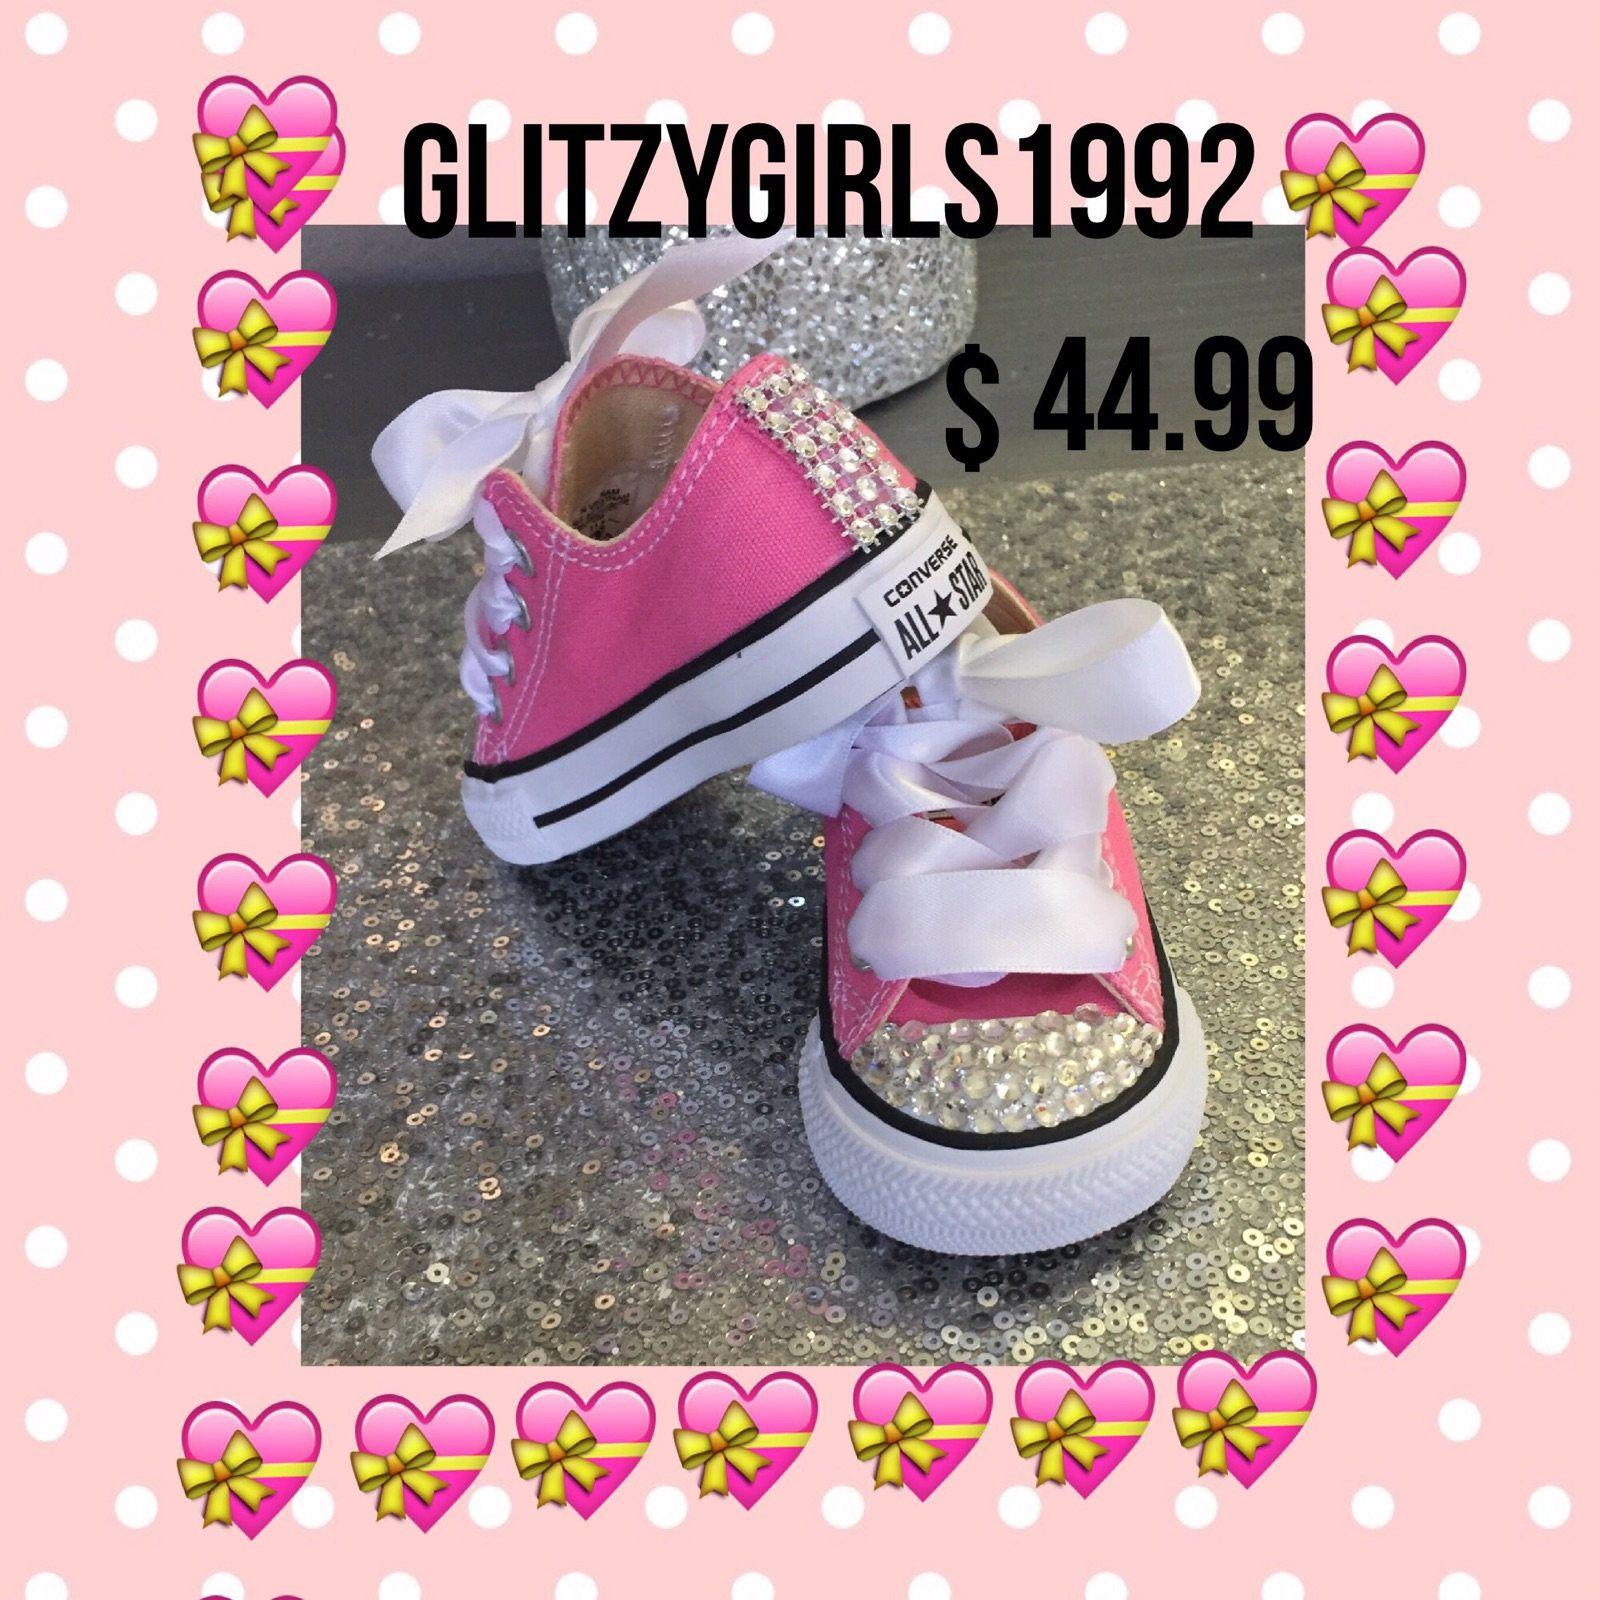 4b51a6f011ec15 Wedding Converses Wedding Sneakers Flower Girl Sneakers Size 2 3 4 5 6 7 8  9 10 Converse Custom Sneakers Bling Sneakers Rhinestone Sneakers  by ...